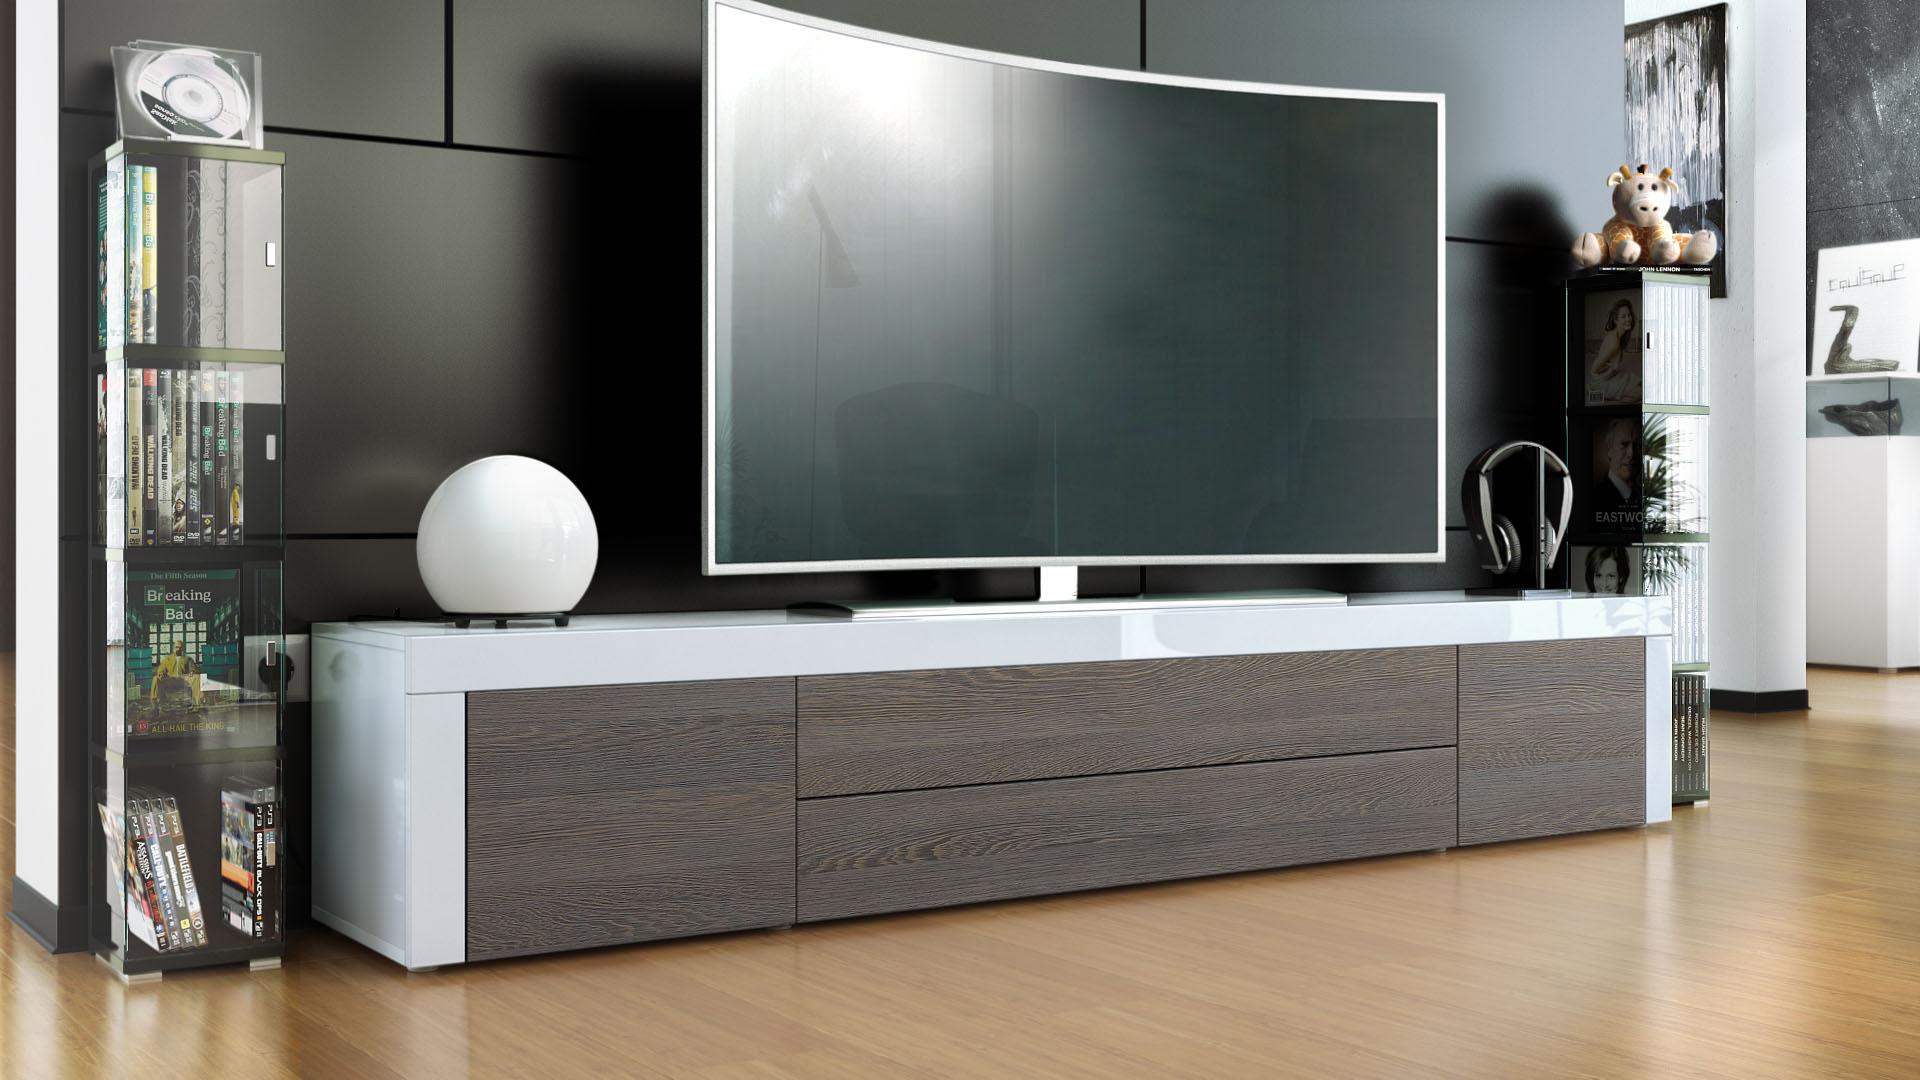 TV Lowboard Board Schrank Tisch Möbel La Paz in Weiß  -> Lowboard Wenge Weiß